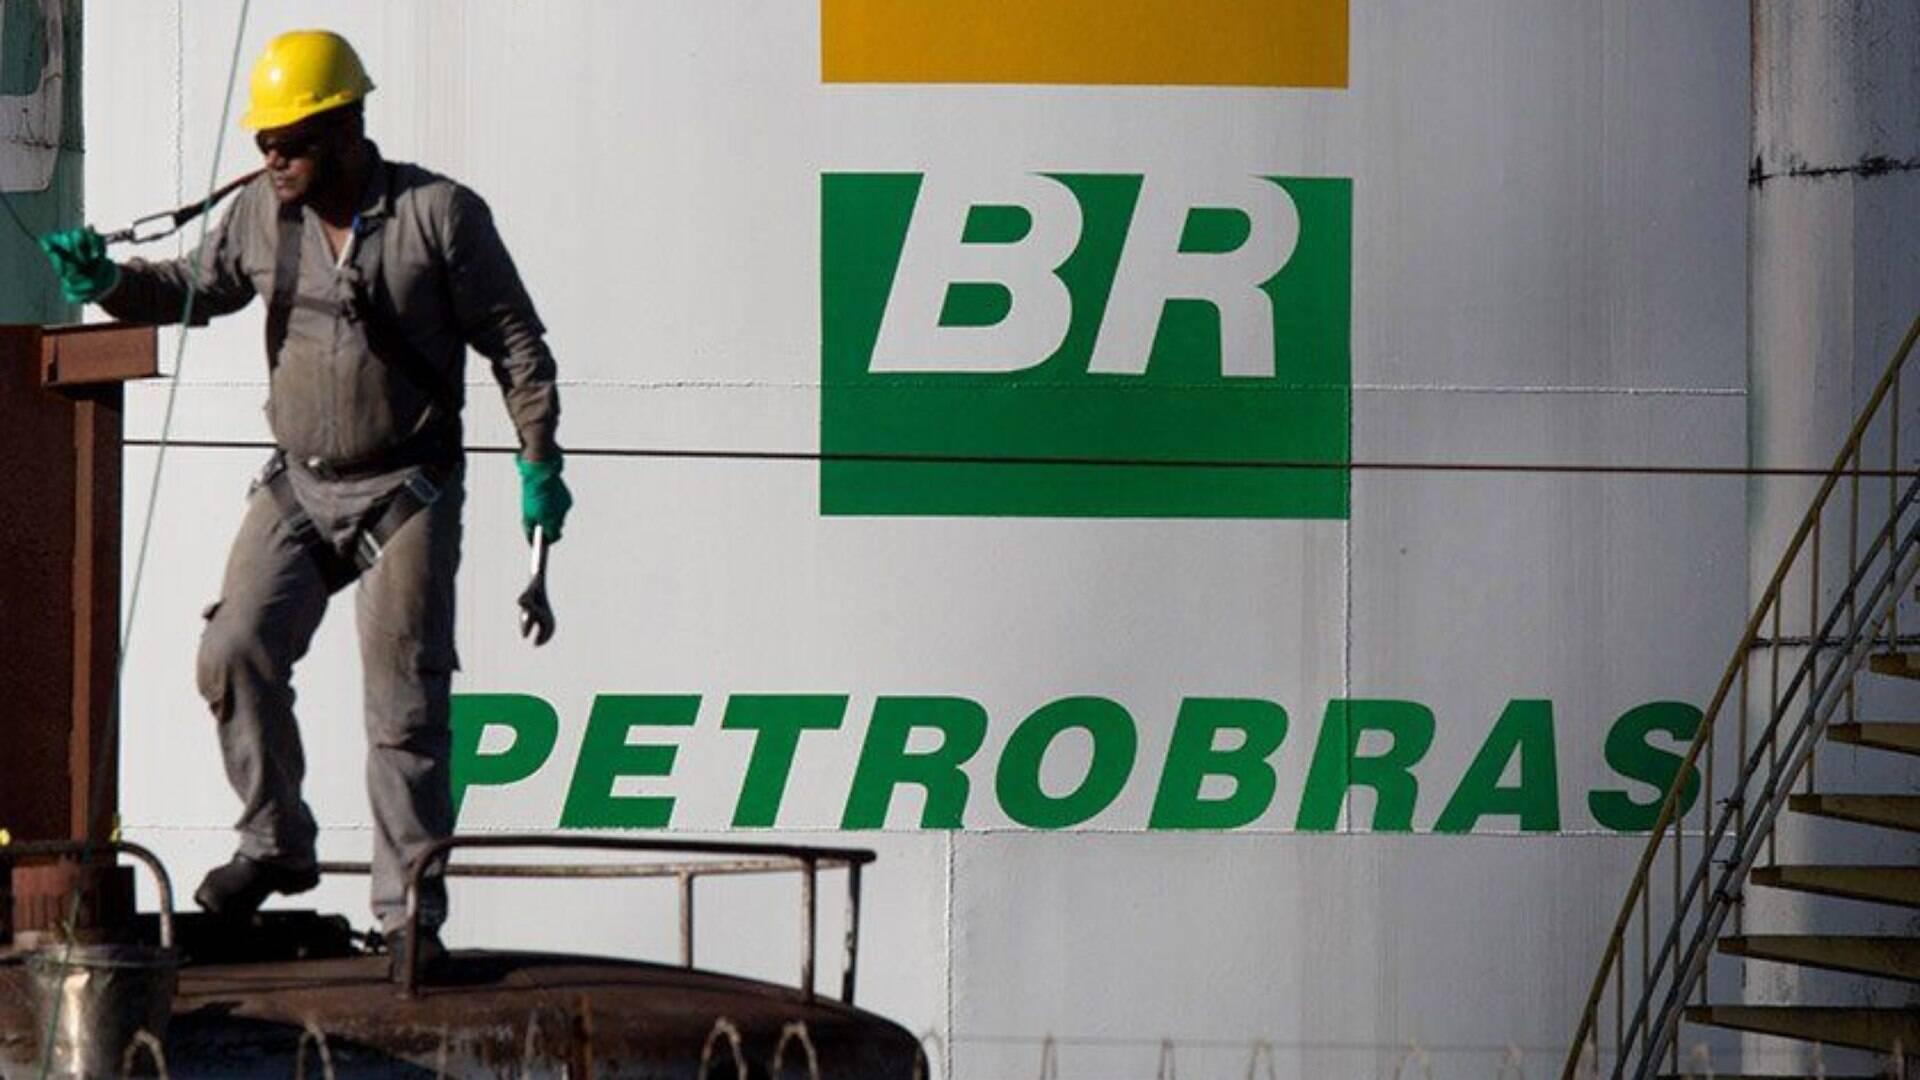 Petrobras vai reduzir preços de gasolina e diesel em 5% na quarta-feira -  Economia - iG